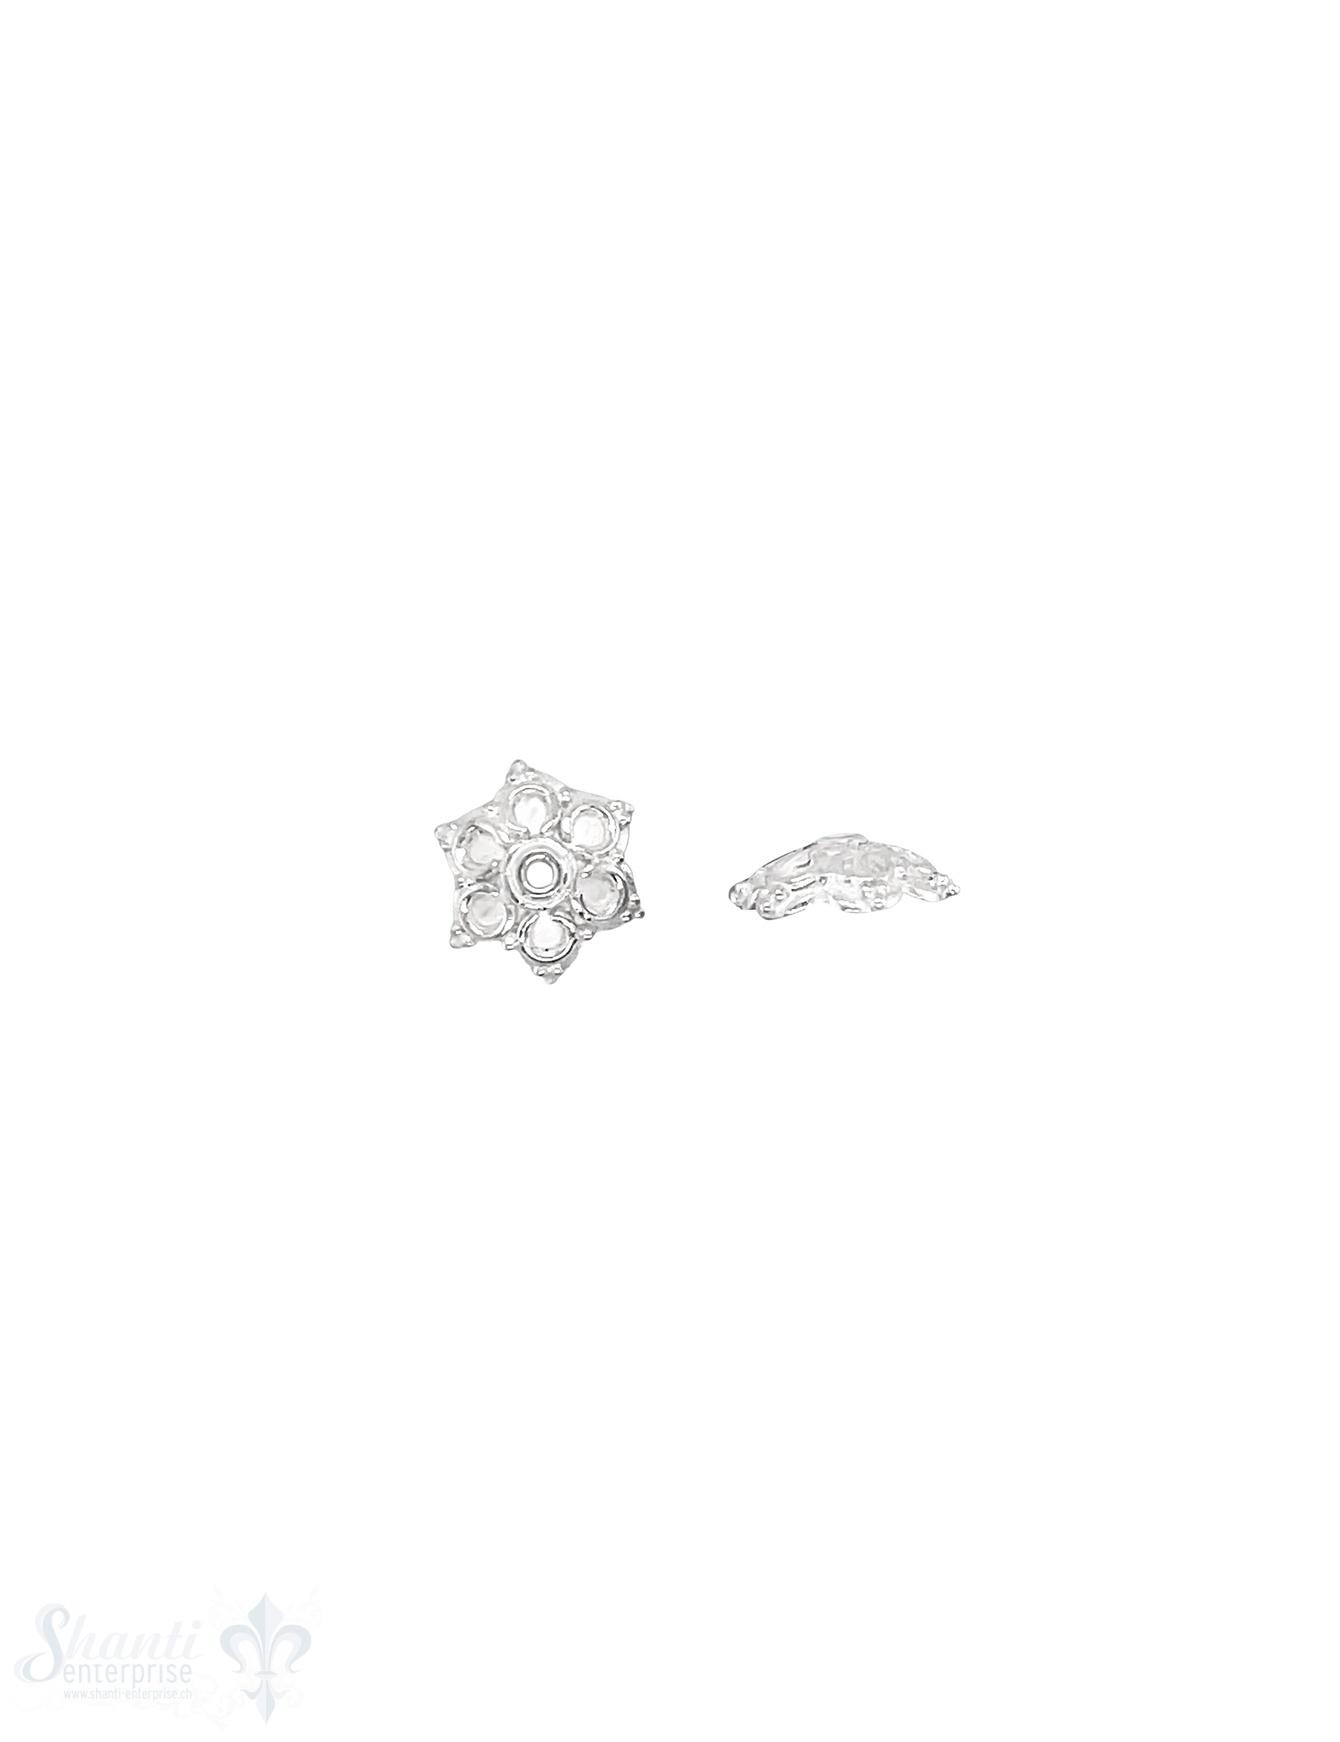 Blumen Perlkappe 9x3 mm verziert fein getupft